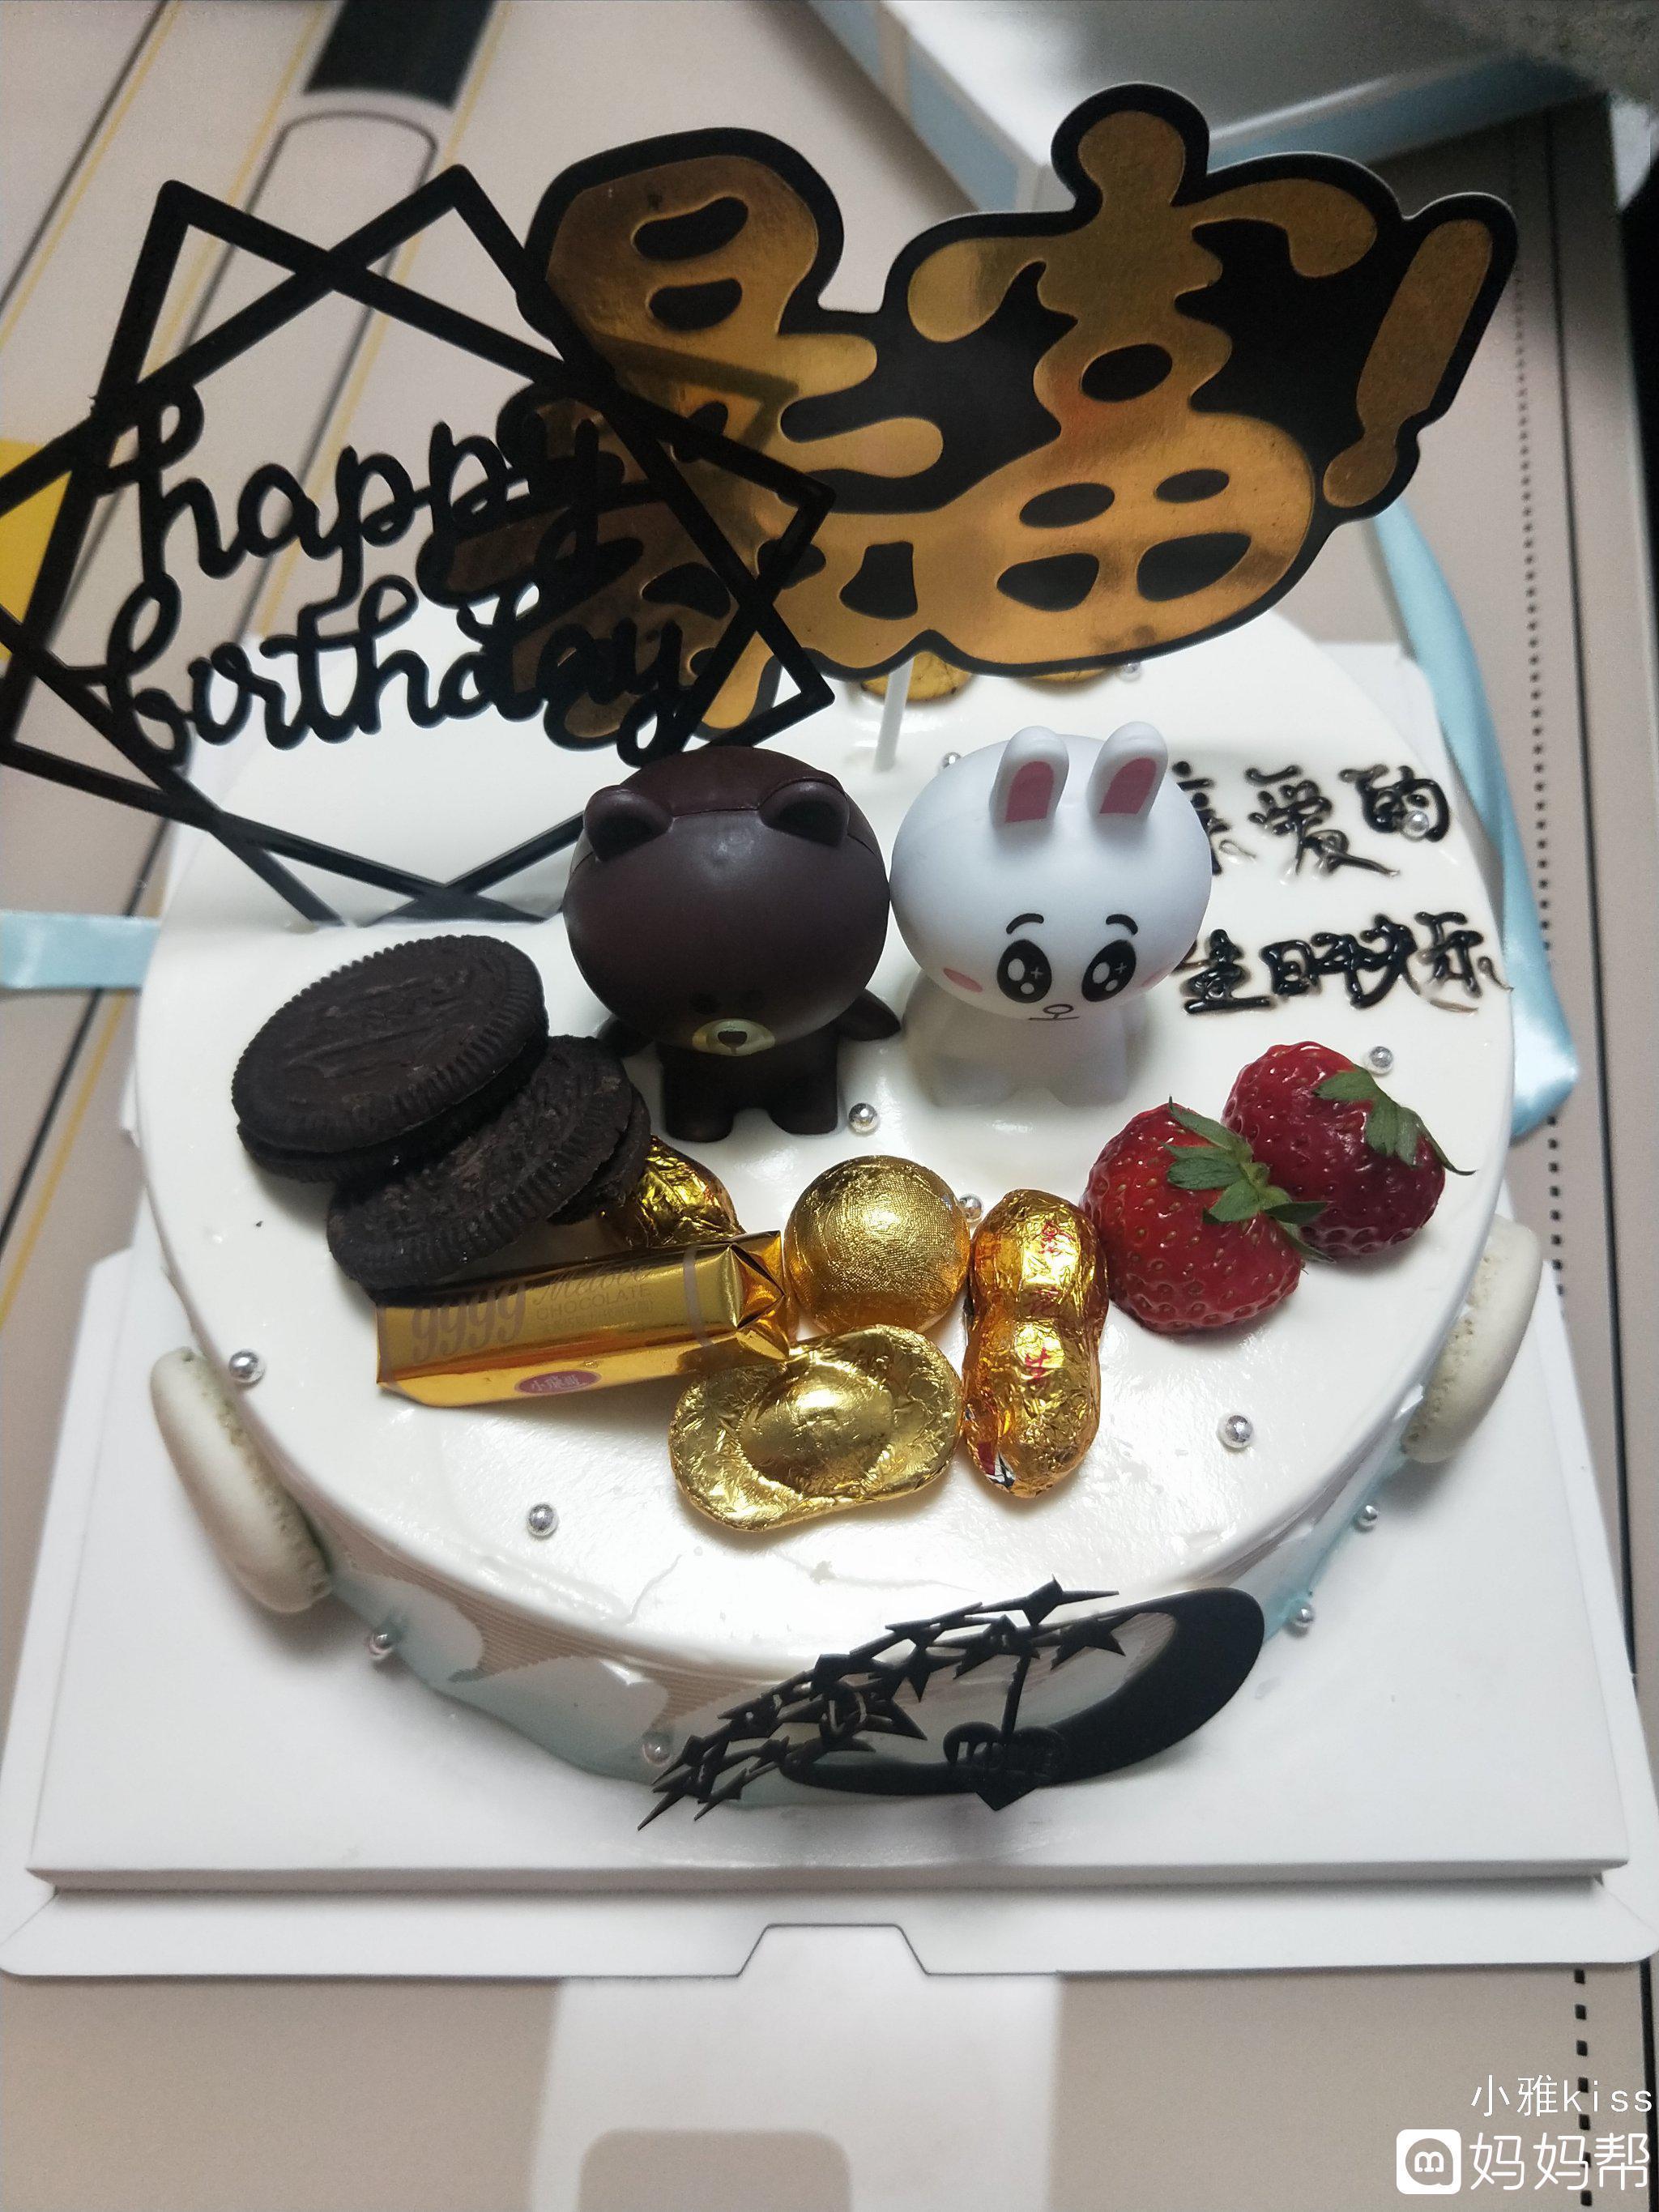 生日蛋糕图片大全唯美